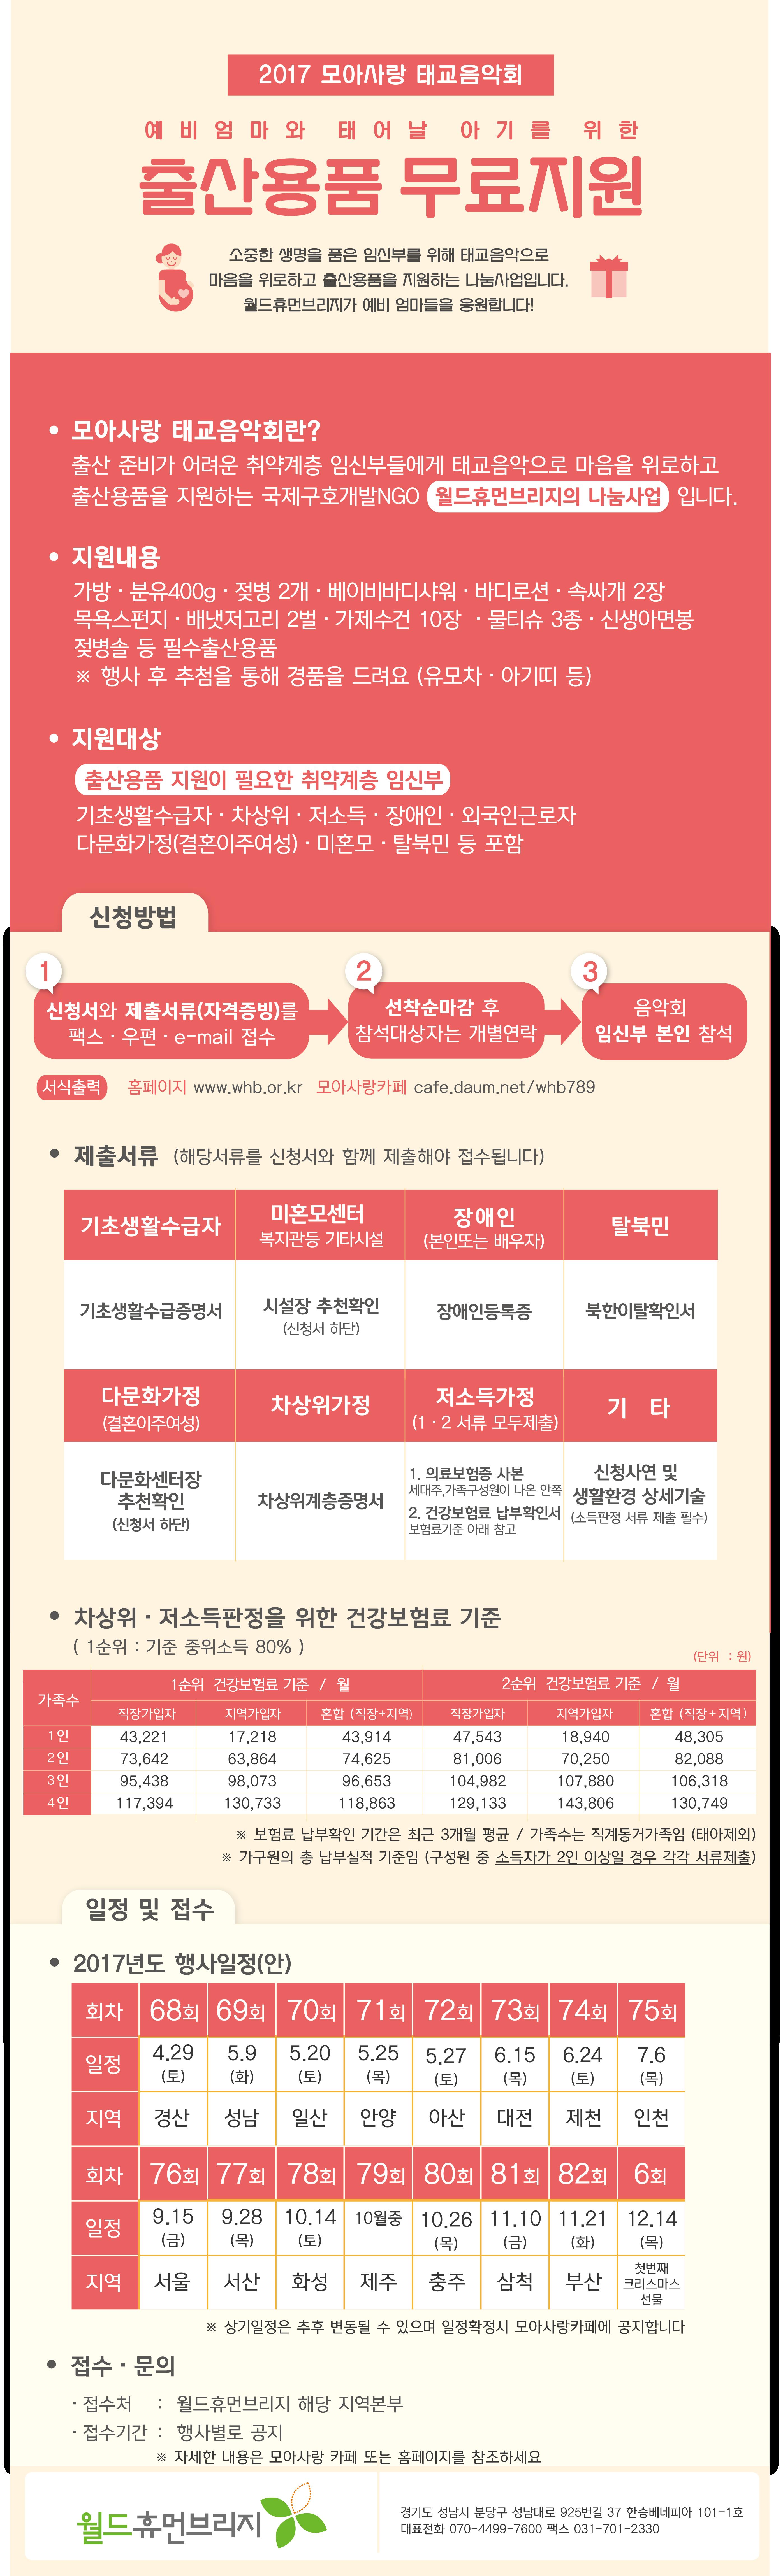 2017 모아사랑_온라인 안내.png